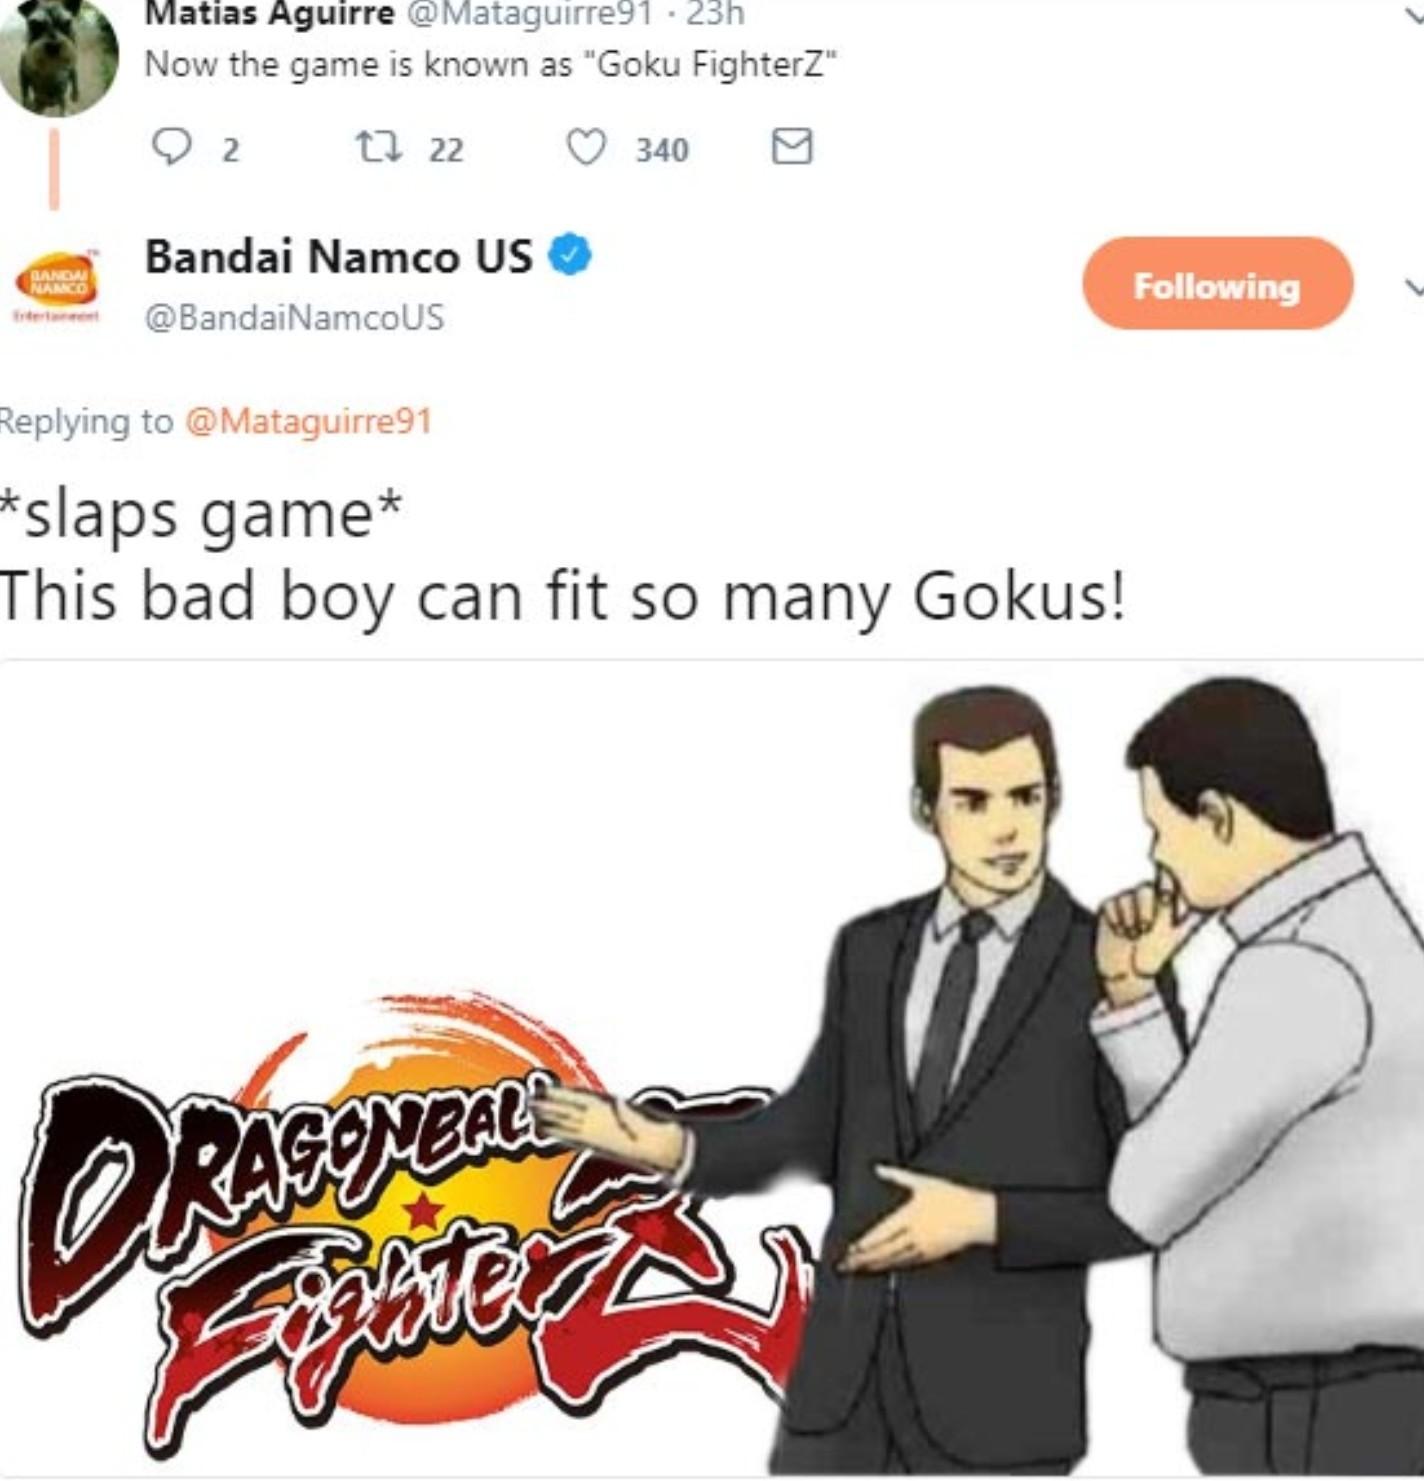 *slaps template * - meme